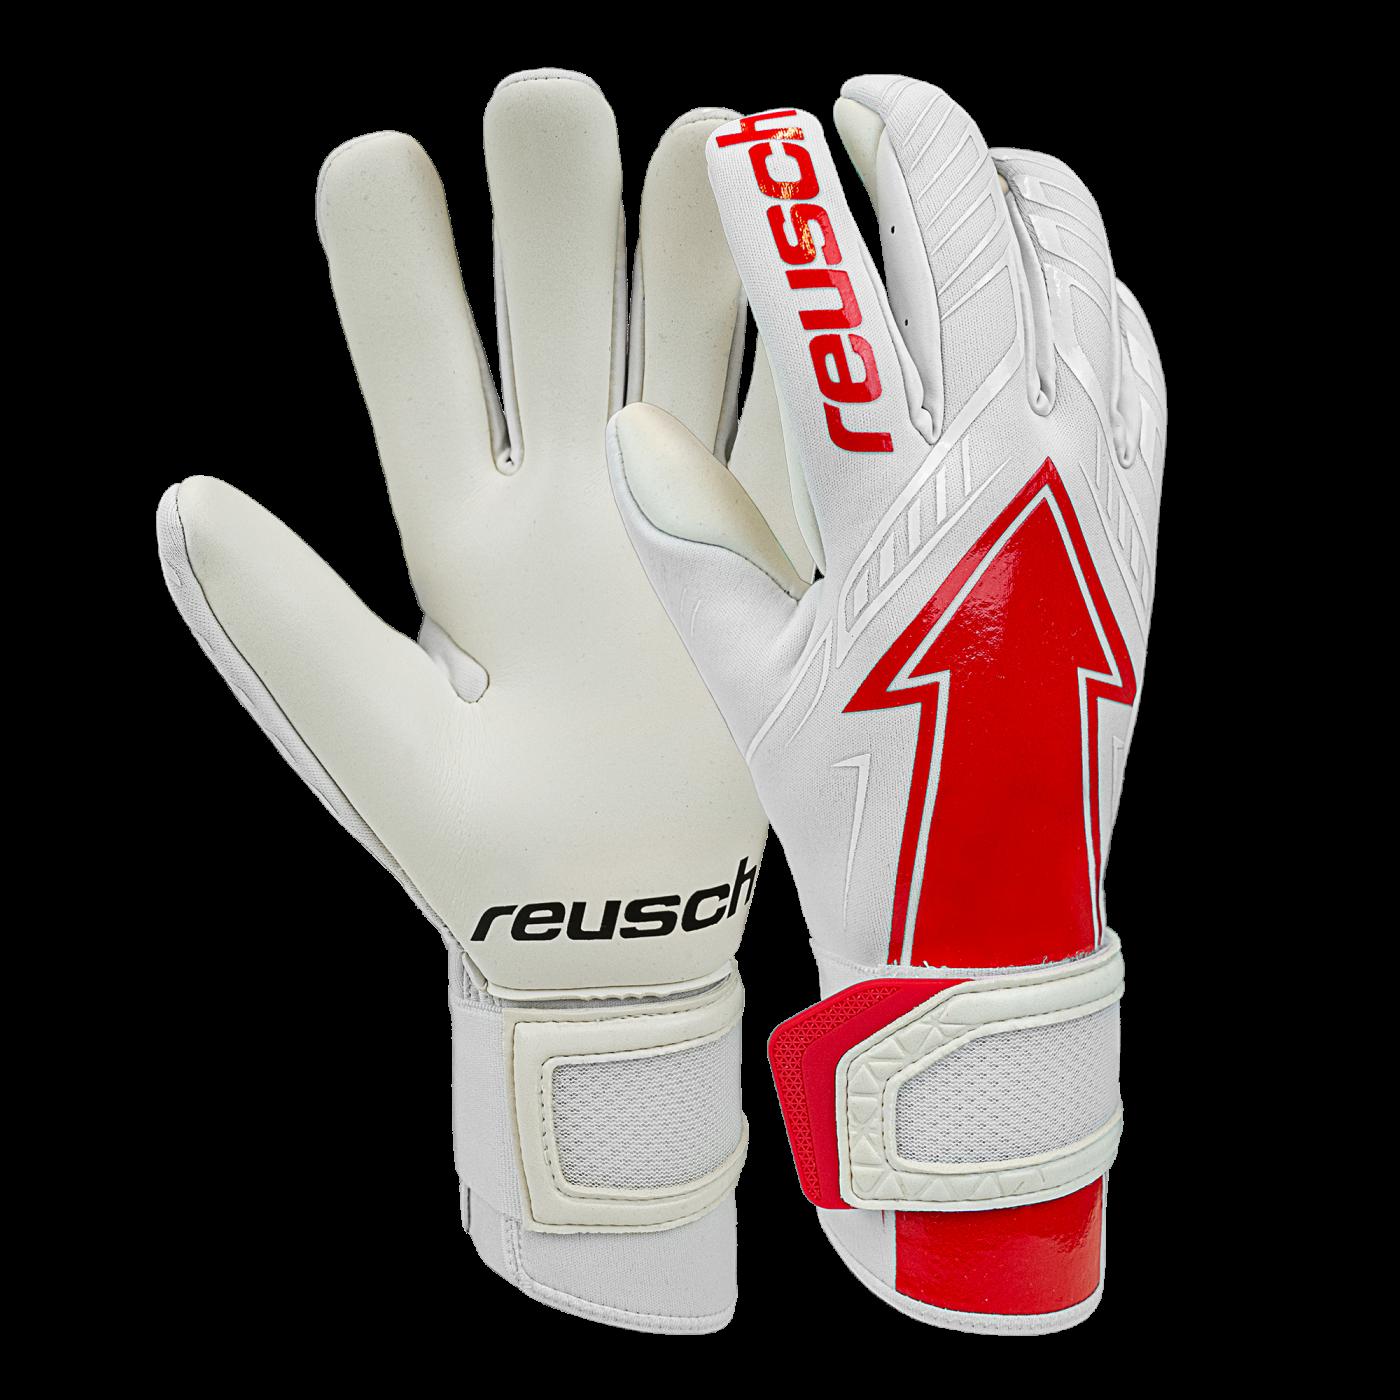 Reusch-Arrow-Gold-X-gant-handanovic-5